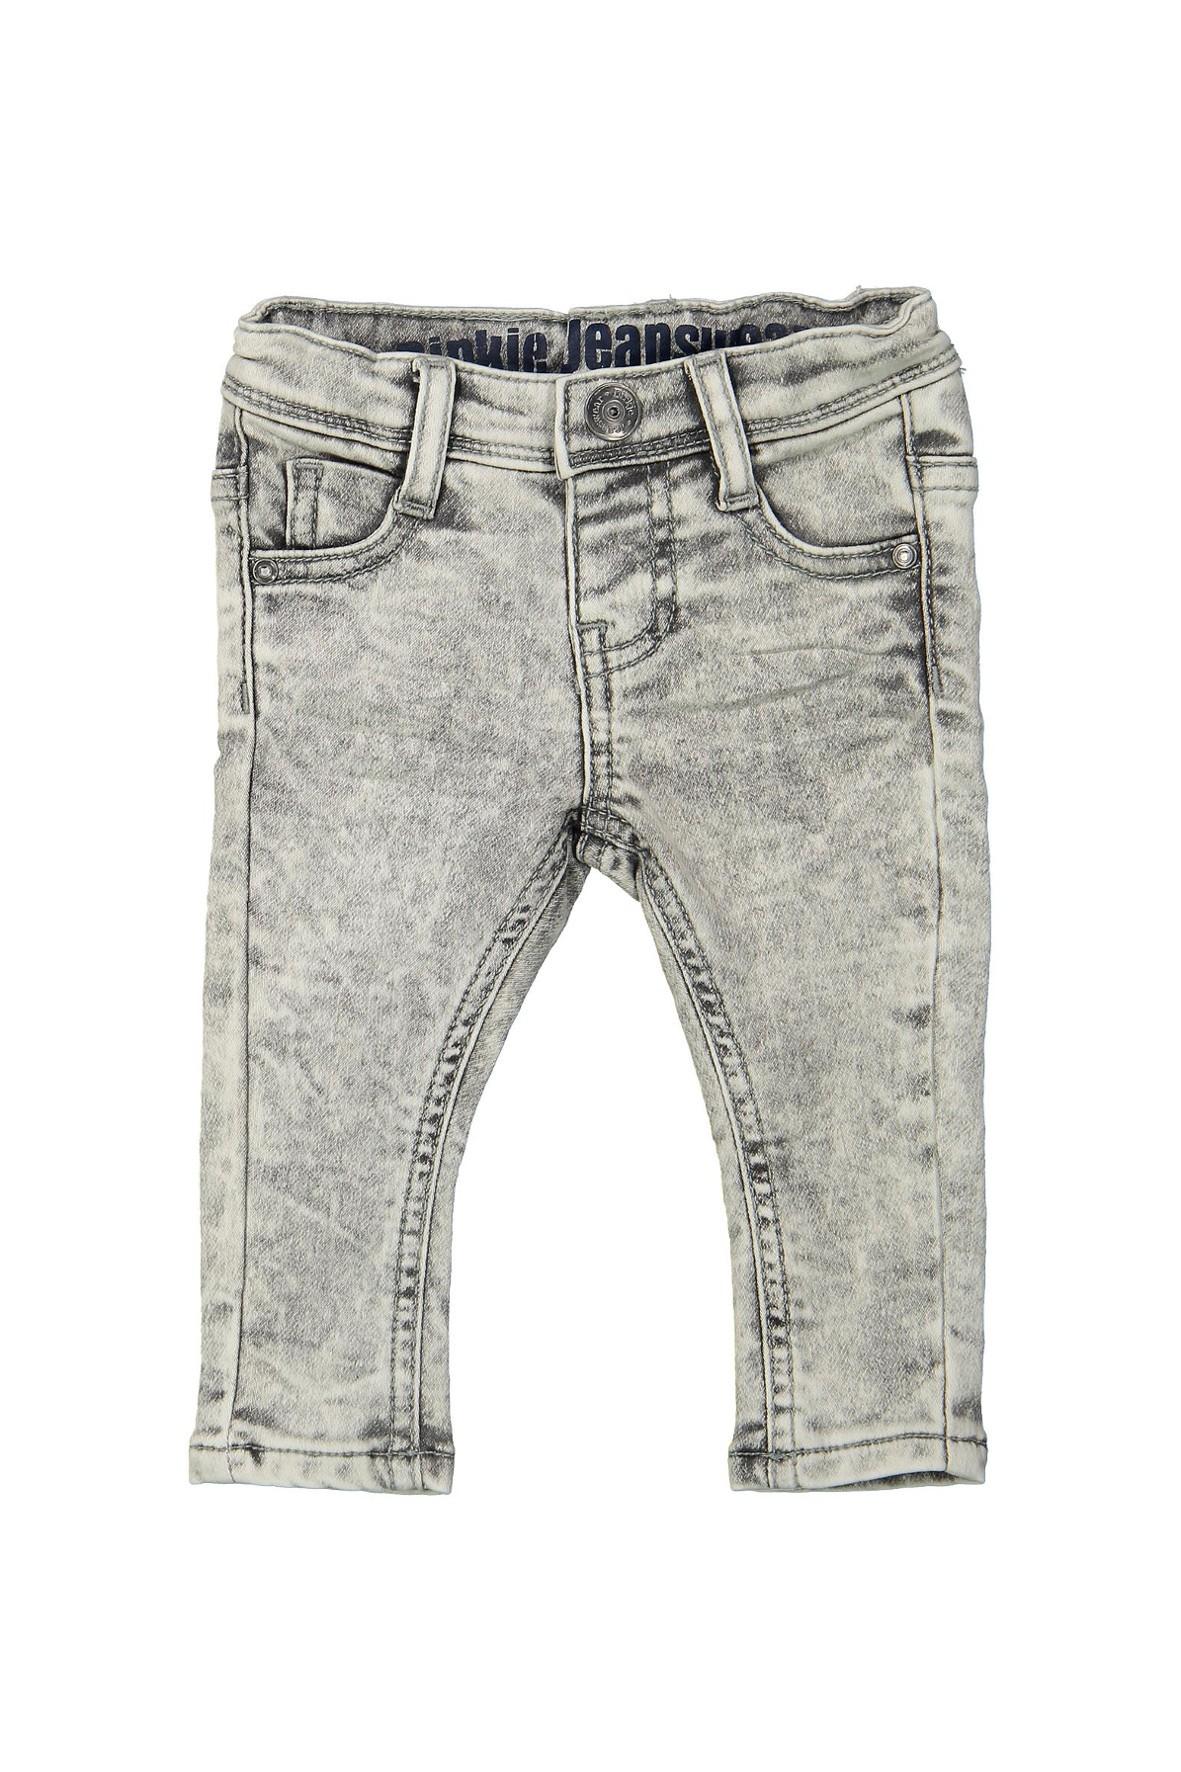 Spodnie niemowlęce z miękkiego jeansu